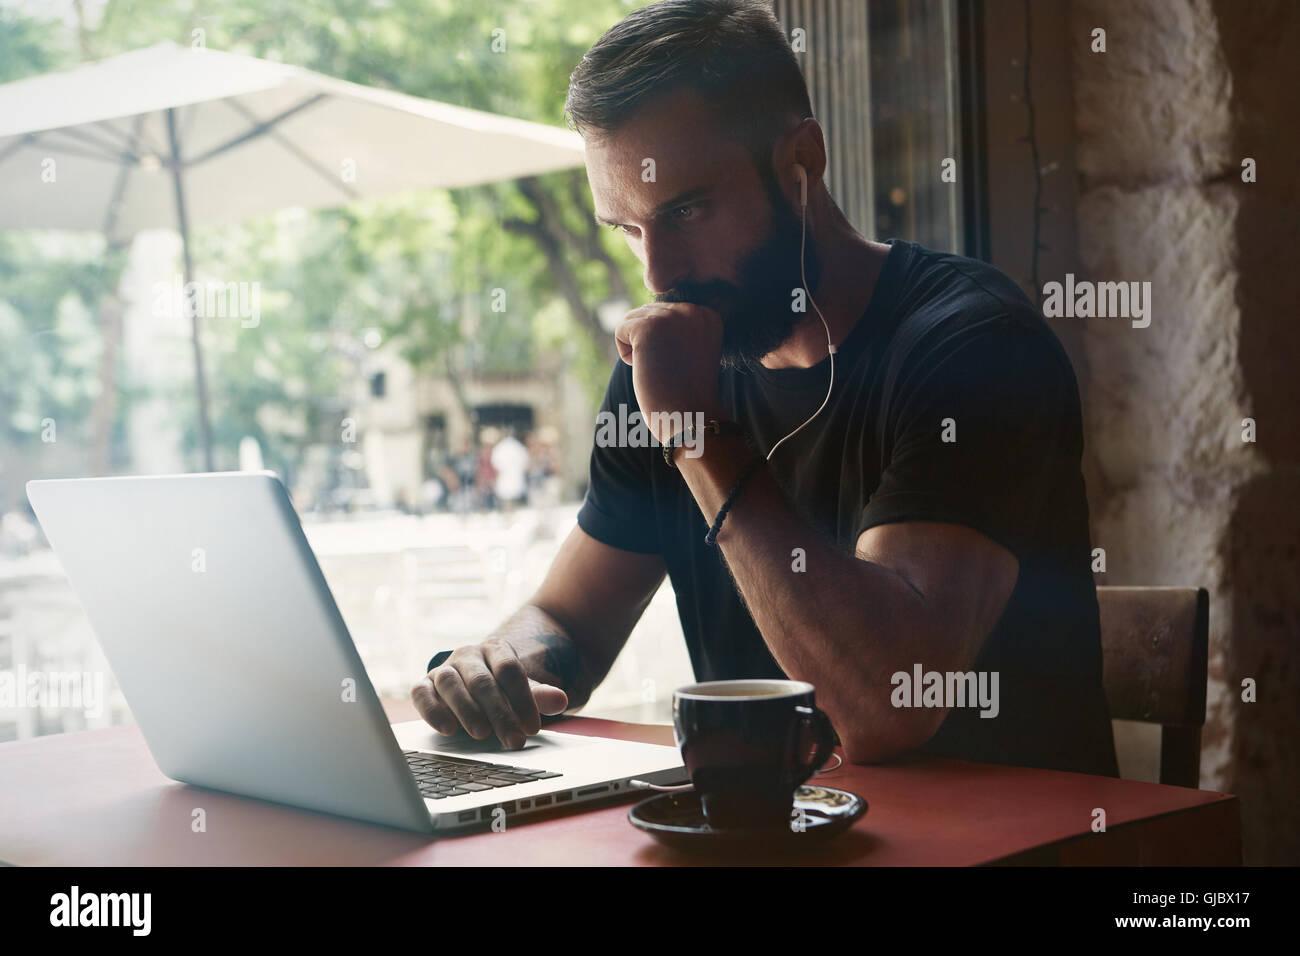 Konzentrierte junge bärtige Geschäftsmann tragen schwarze Tshirt arbeiten Laptop Urban Cafe.Man sitzen Stockbild